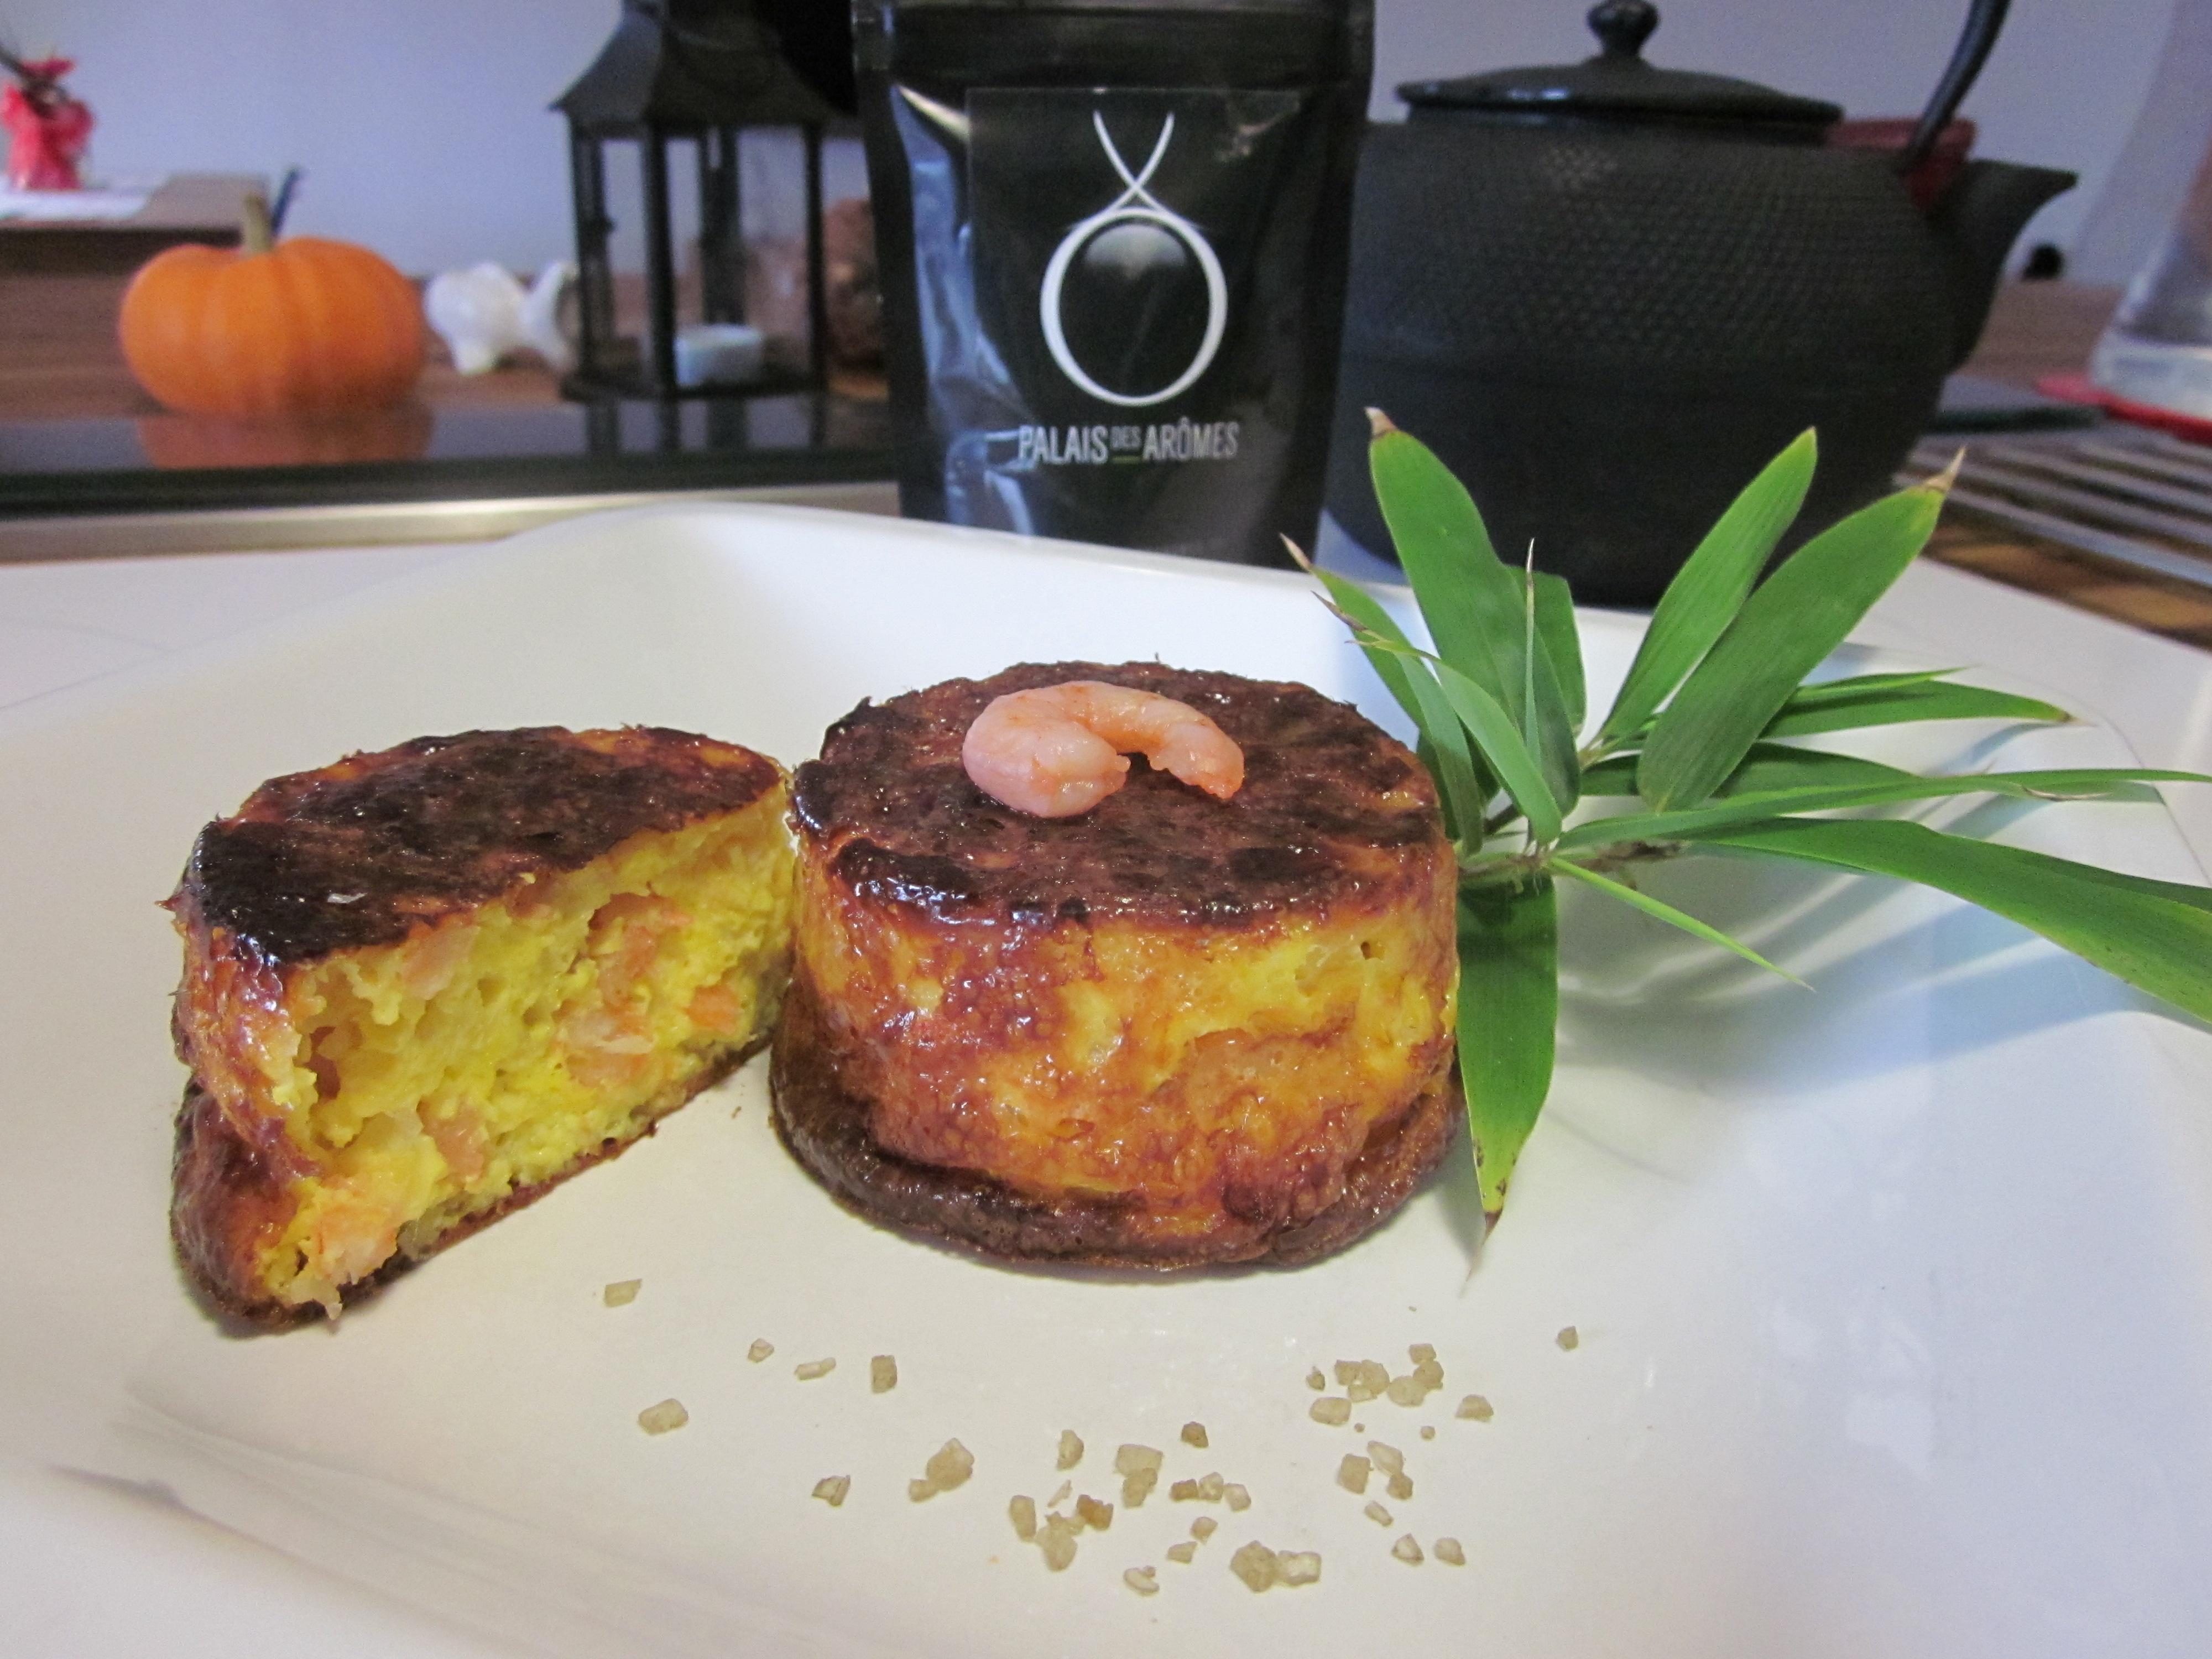 Petits flans crevettes poireaux au sel de bambou la cuisine de sucrette - Poireaux a repiquer vente ...